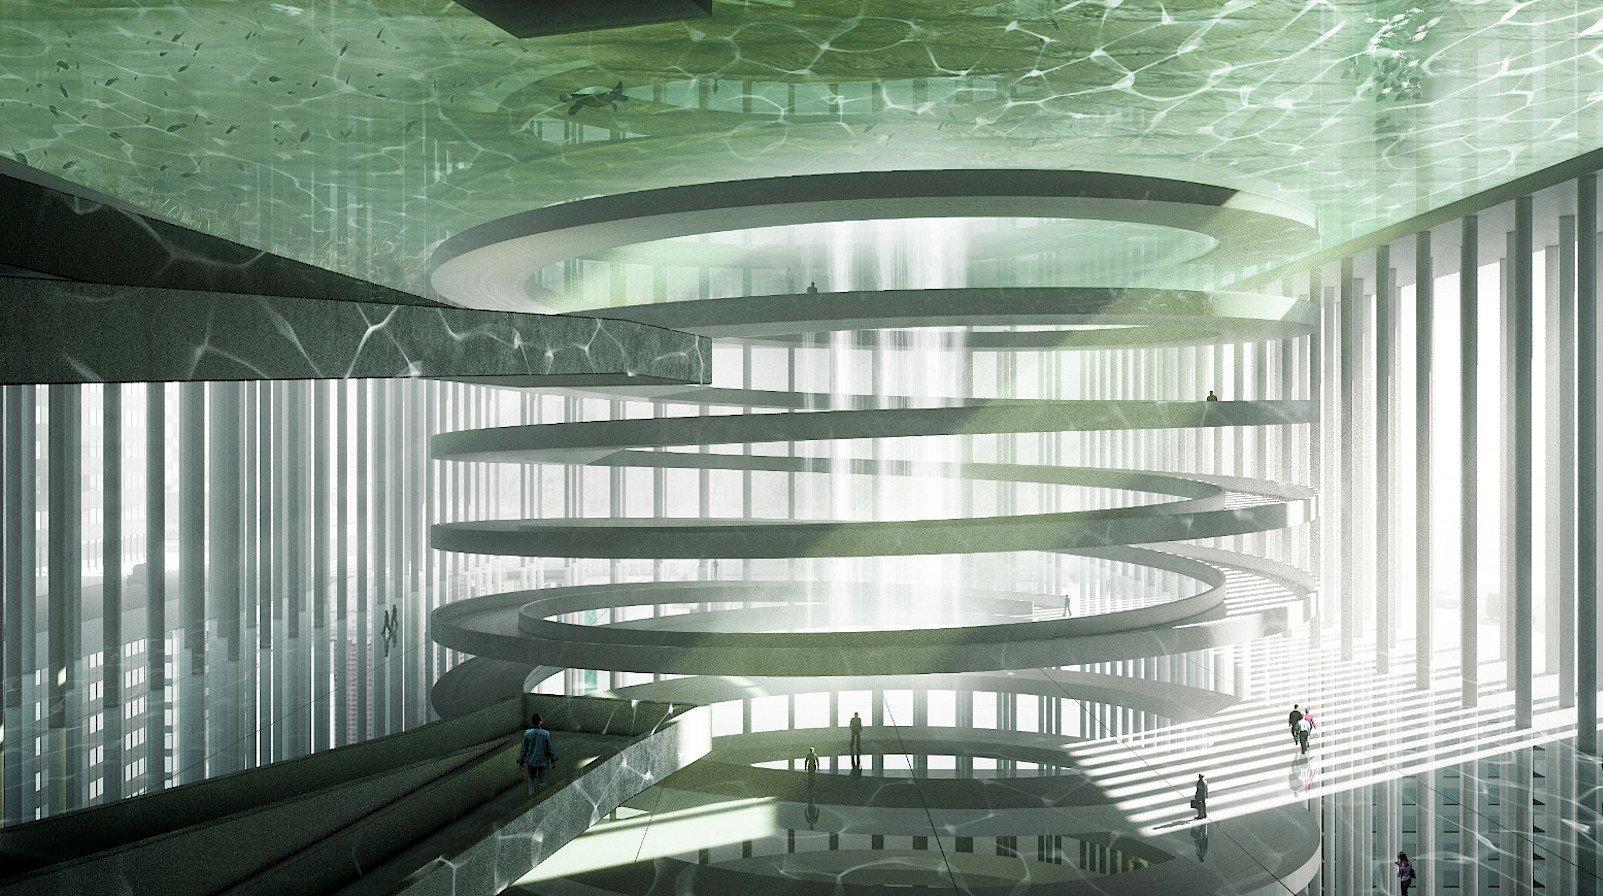 Essence Skyscraper: Im Innern eines Wolkenkratzers sollen nach Plänen des polnischen Architektenbüros Bomp elf verschiedene natürliche Landschaften entstehen.